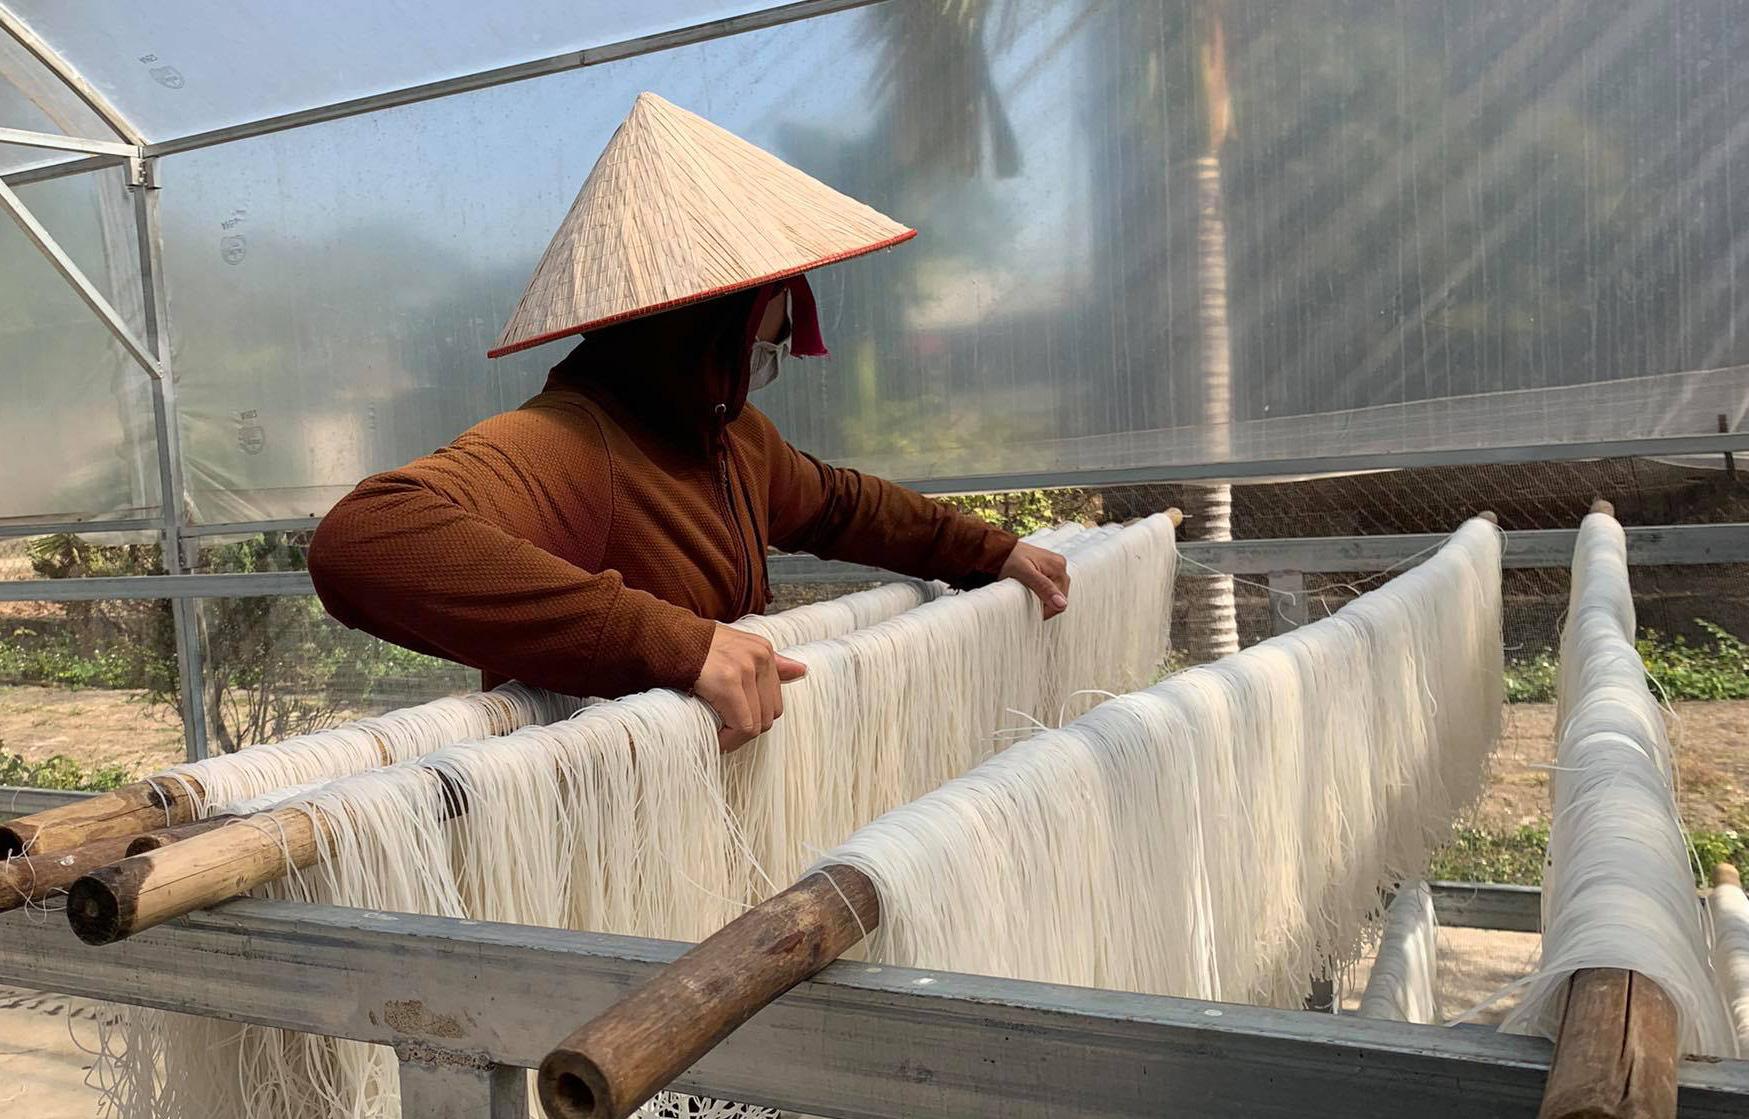 Bỏ cà phê, tiêu nông dân làm việc này để kiếm hàng trăm triệu mỗi năm - Ảnh 3.